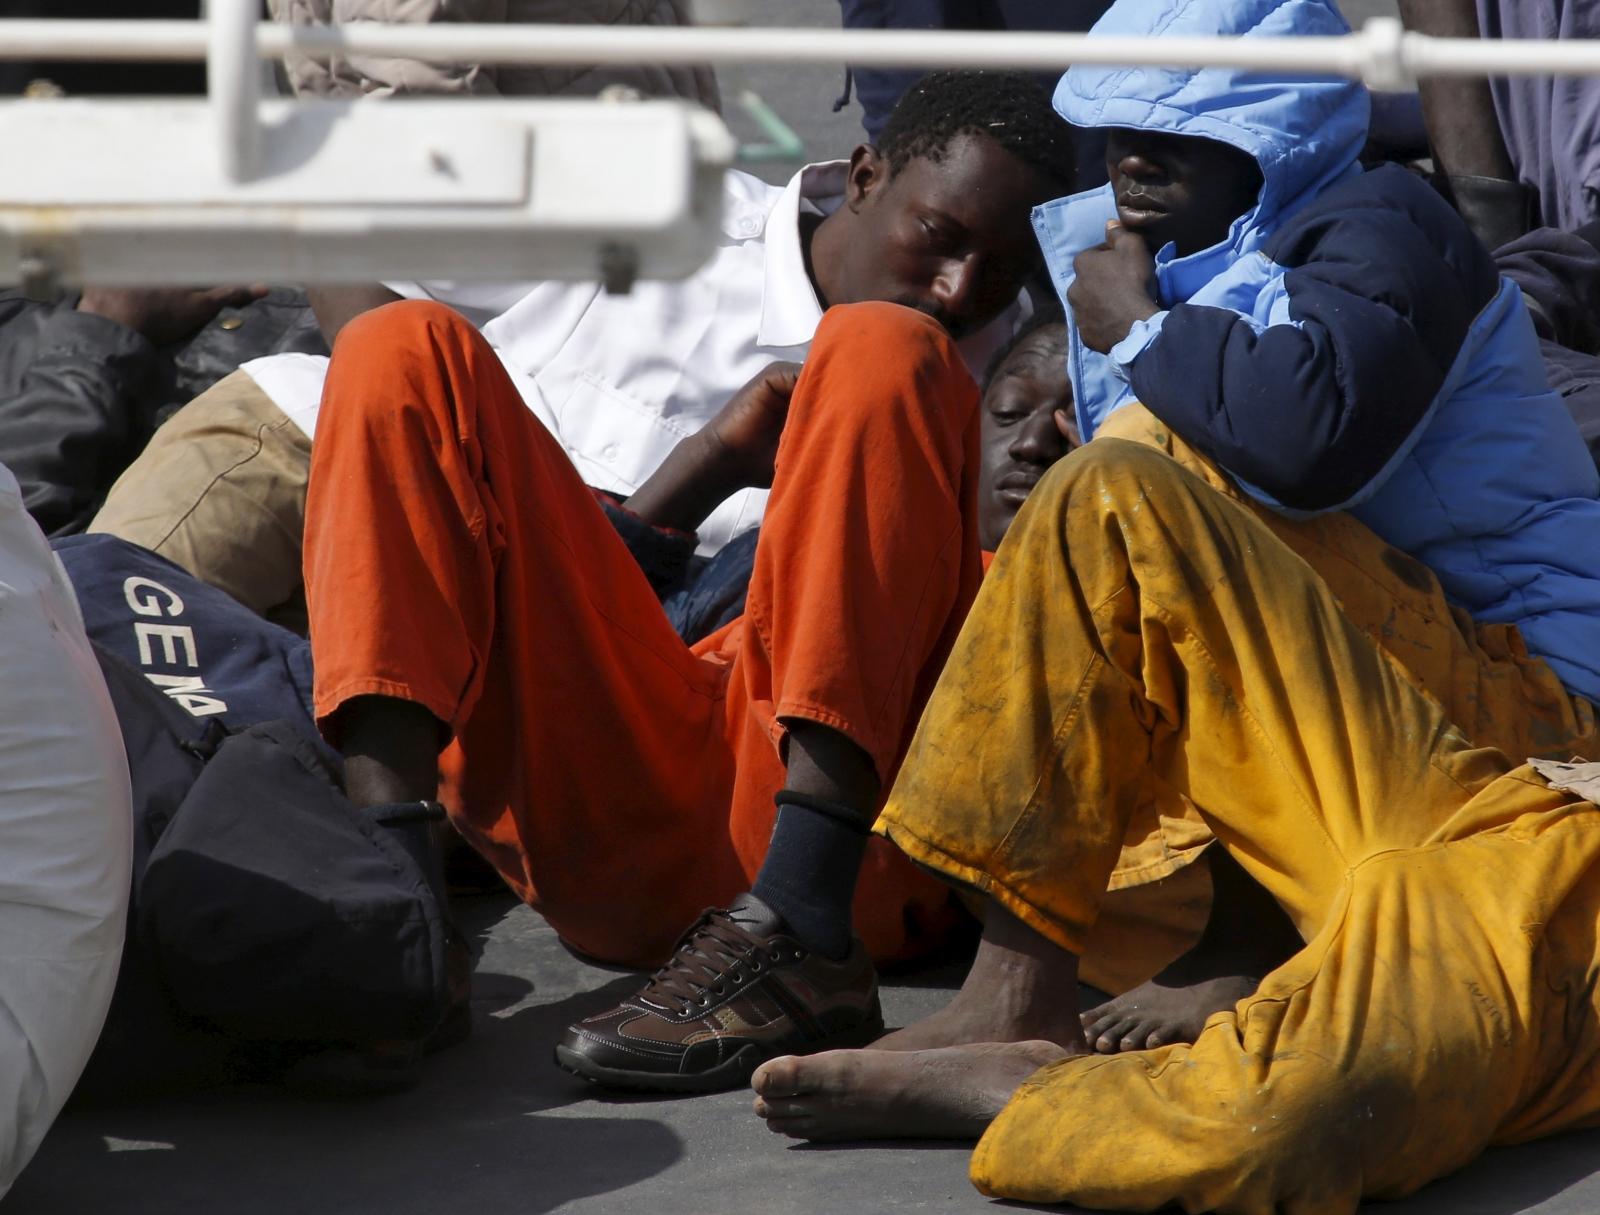 Mediterranean migrants tragedy